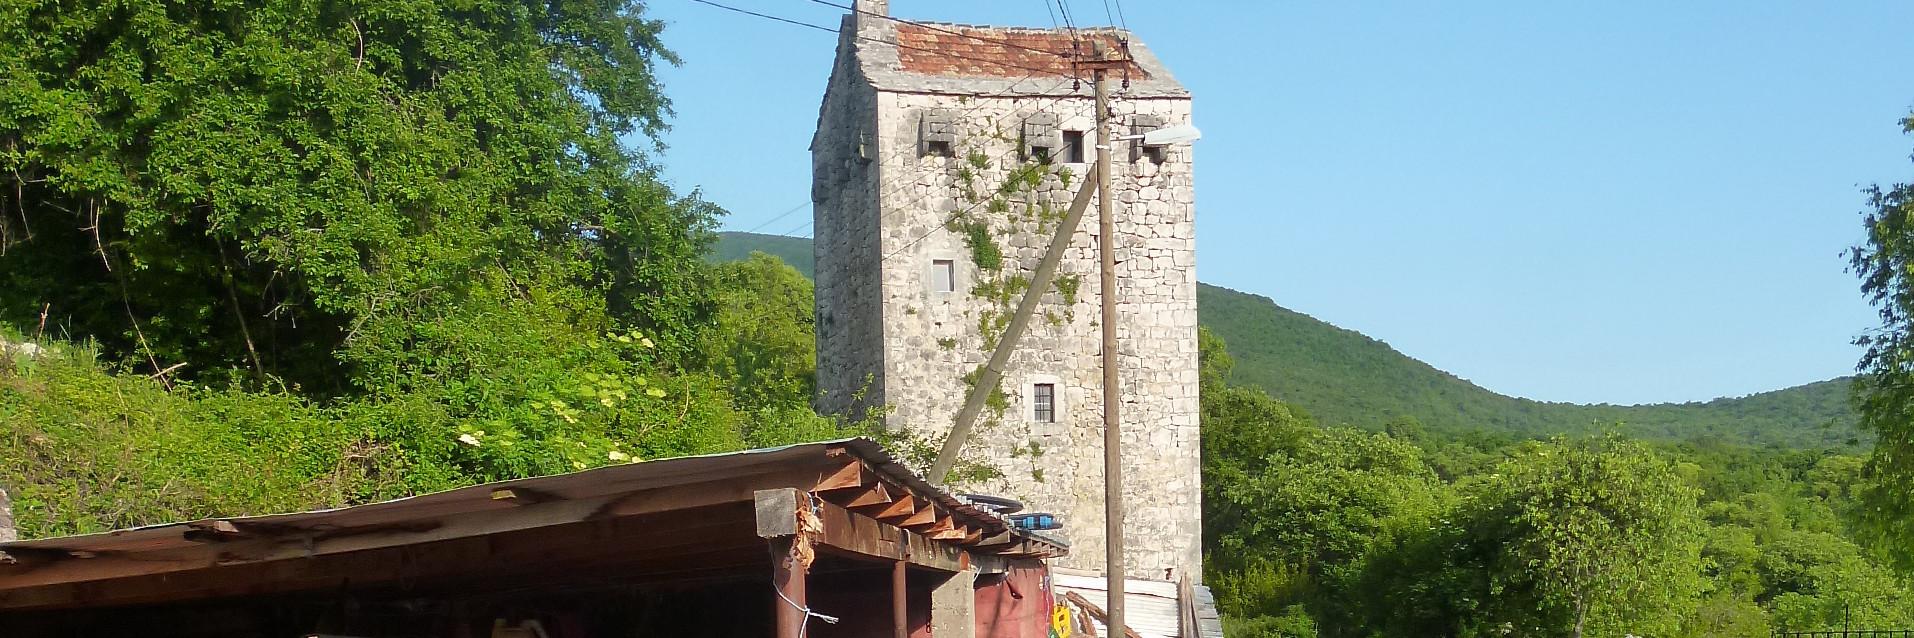 Комадова башня. Фото: Елена Арсениевич, CC BY-SA 3.0